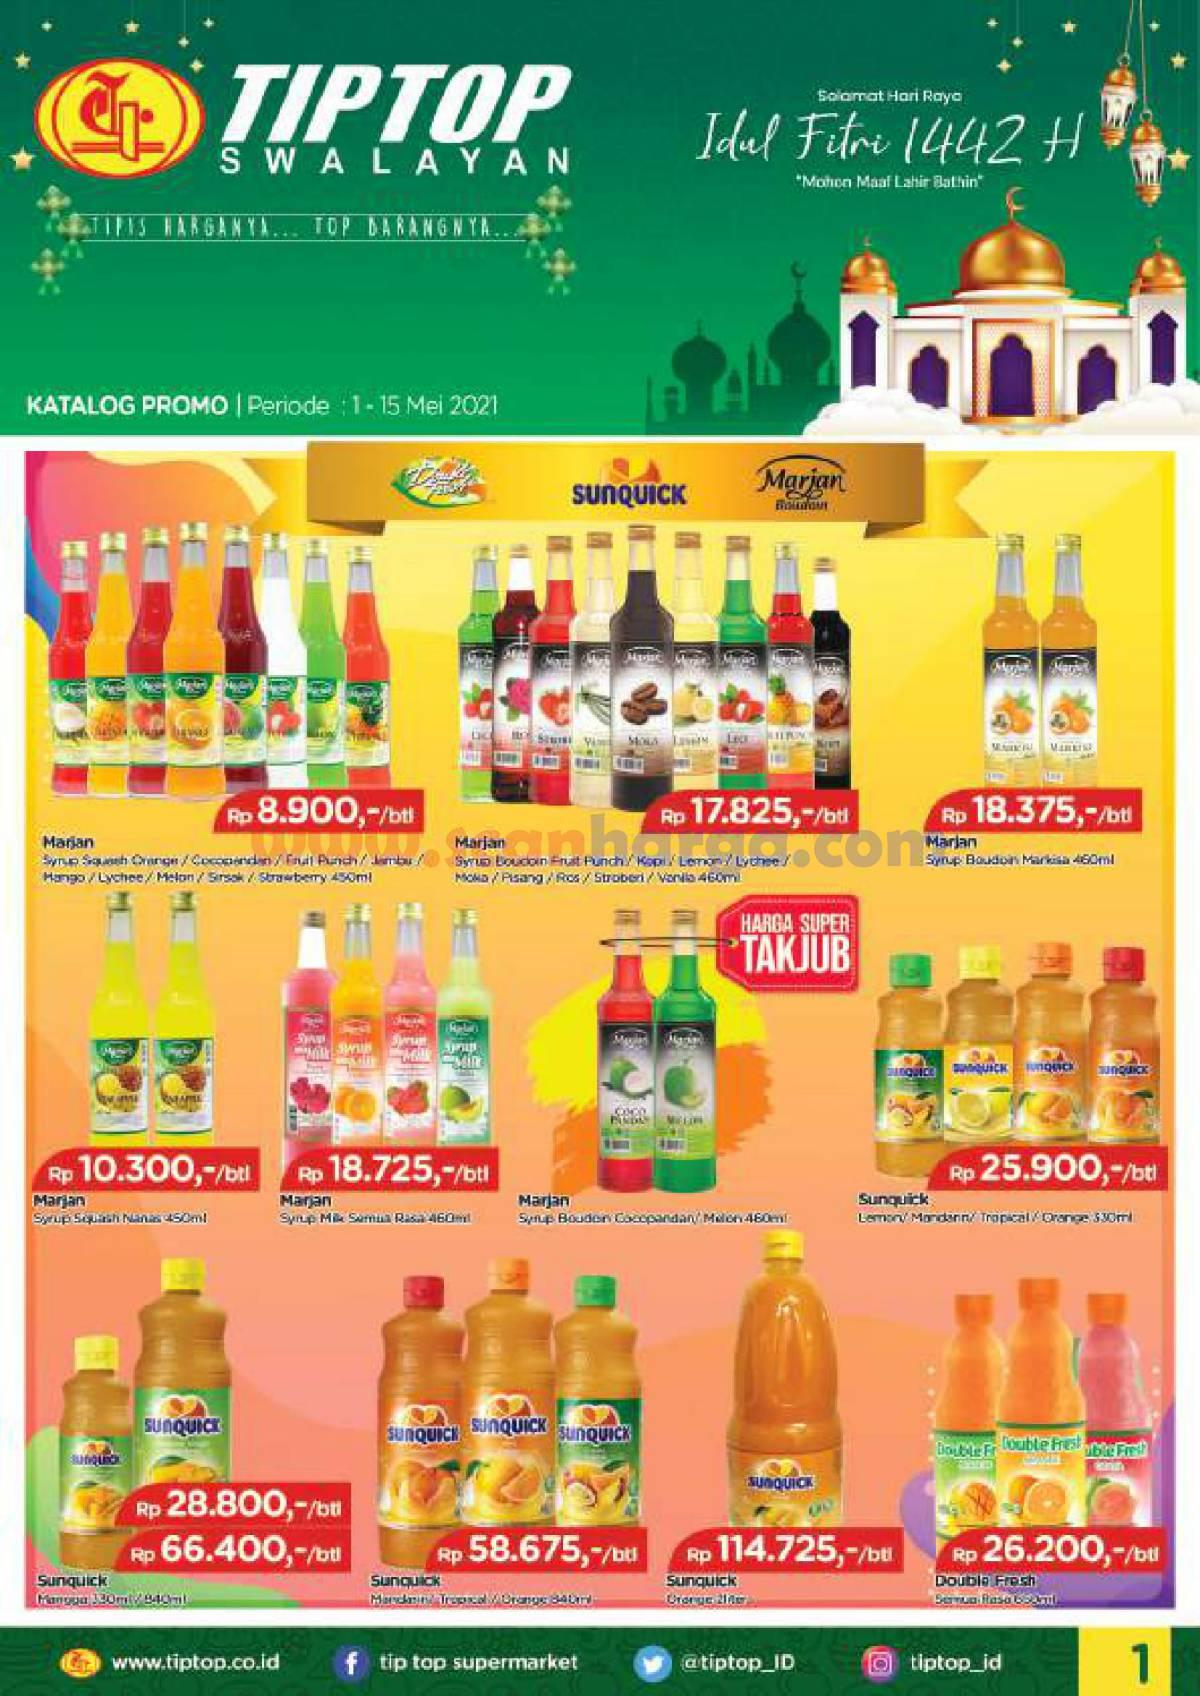 Katalog Promo Tip Top Pasar Swalayan 1 - 15 Mei 2021